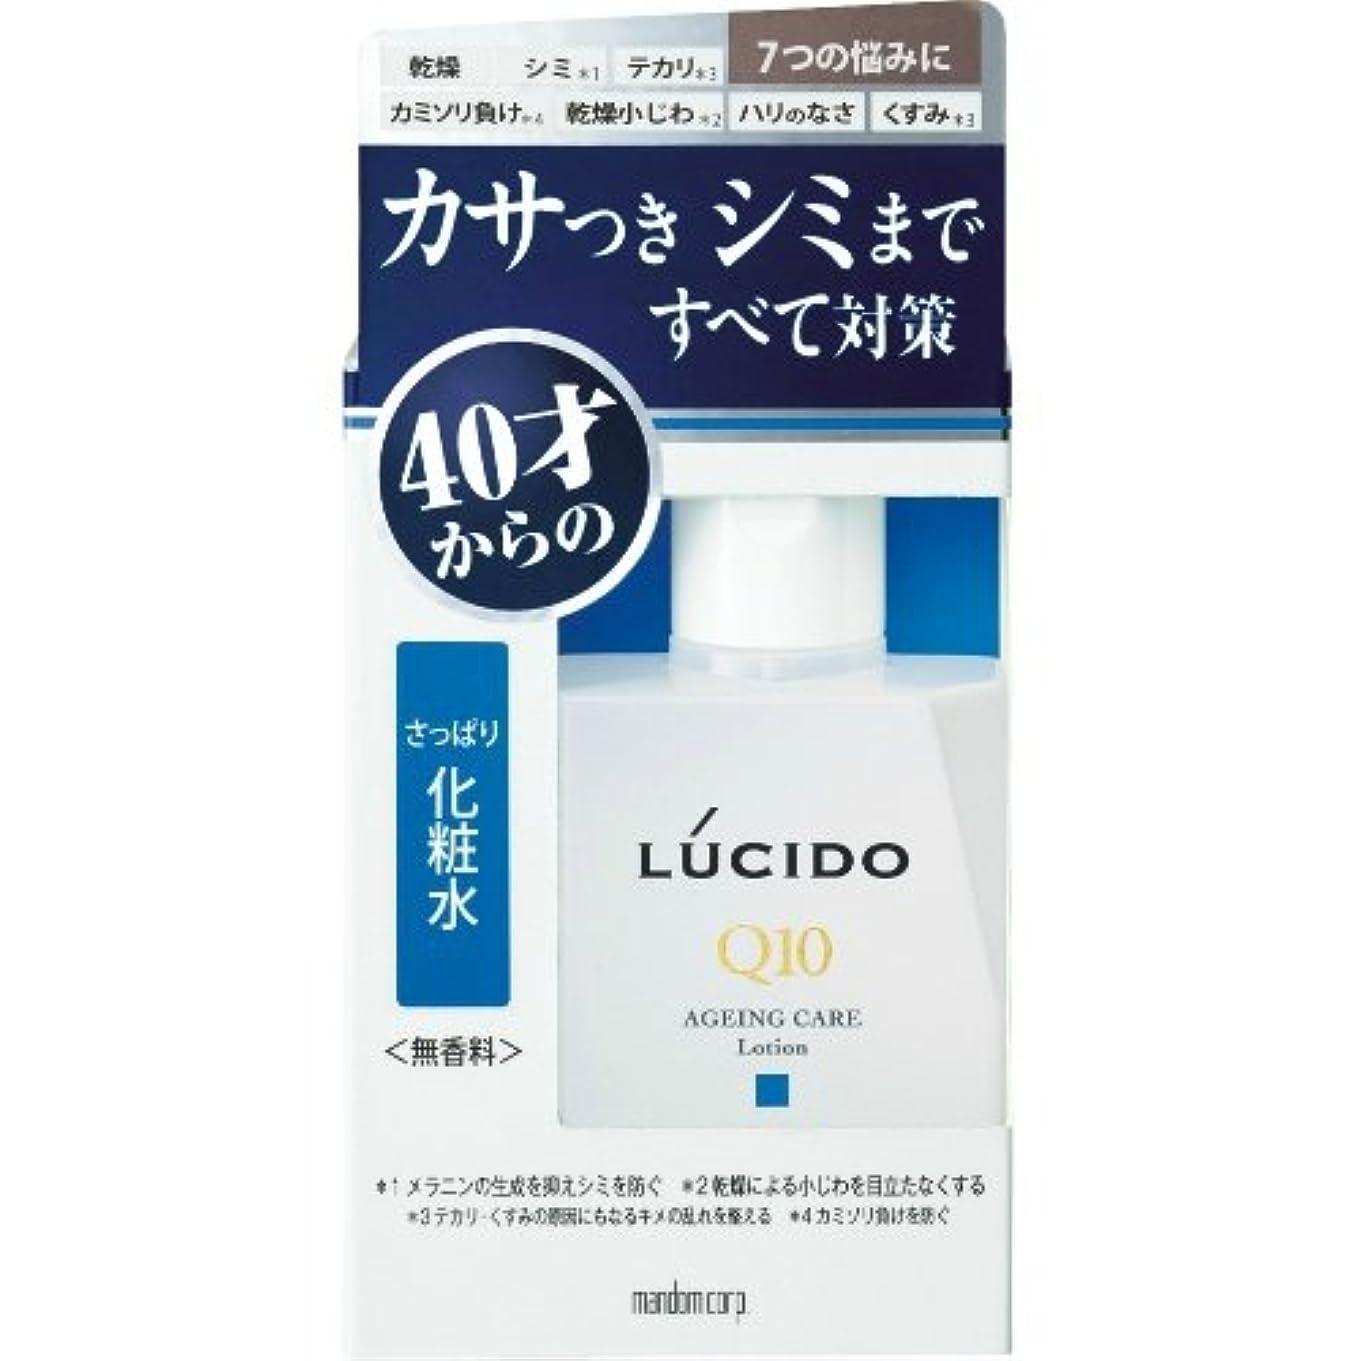 操縦する取り除く潜在的なMANDOM マンダム ルシード 薬用トータルケア さっぱり化粧水 無香料 110ml ×3点セット(4902806107296)